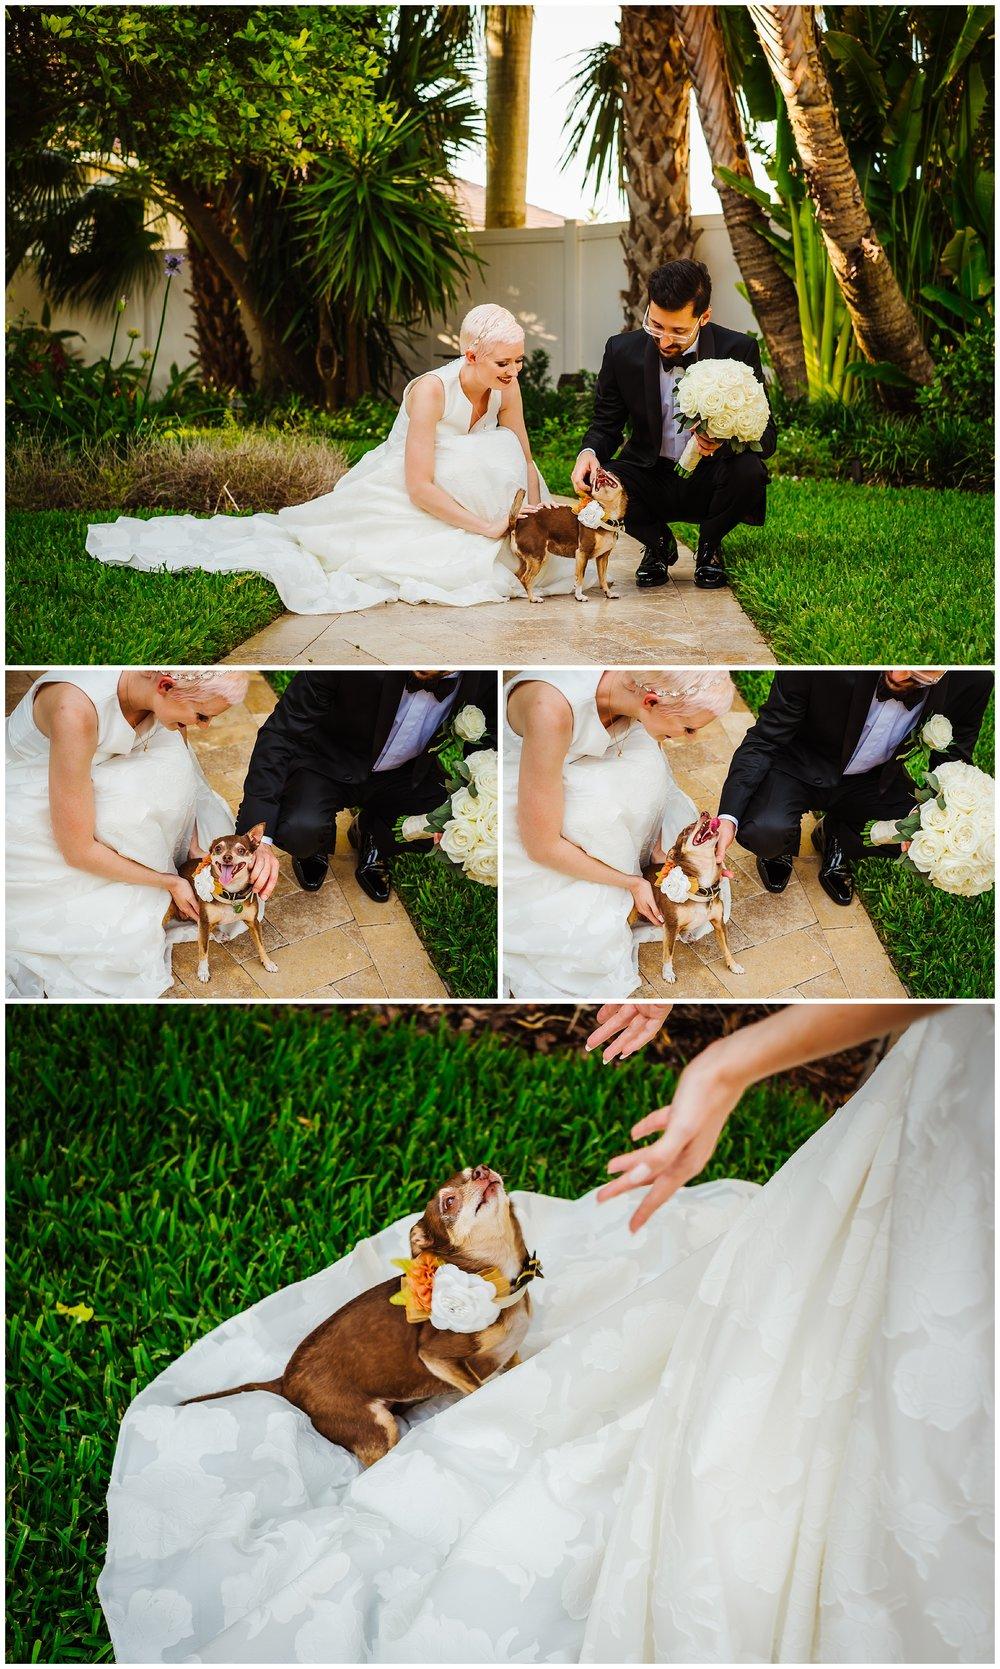 tierra-verde-st-pete-florida-home-luxury-wedding-greenery-pink-pixie-bride_0032.jpg